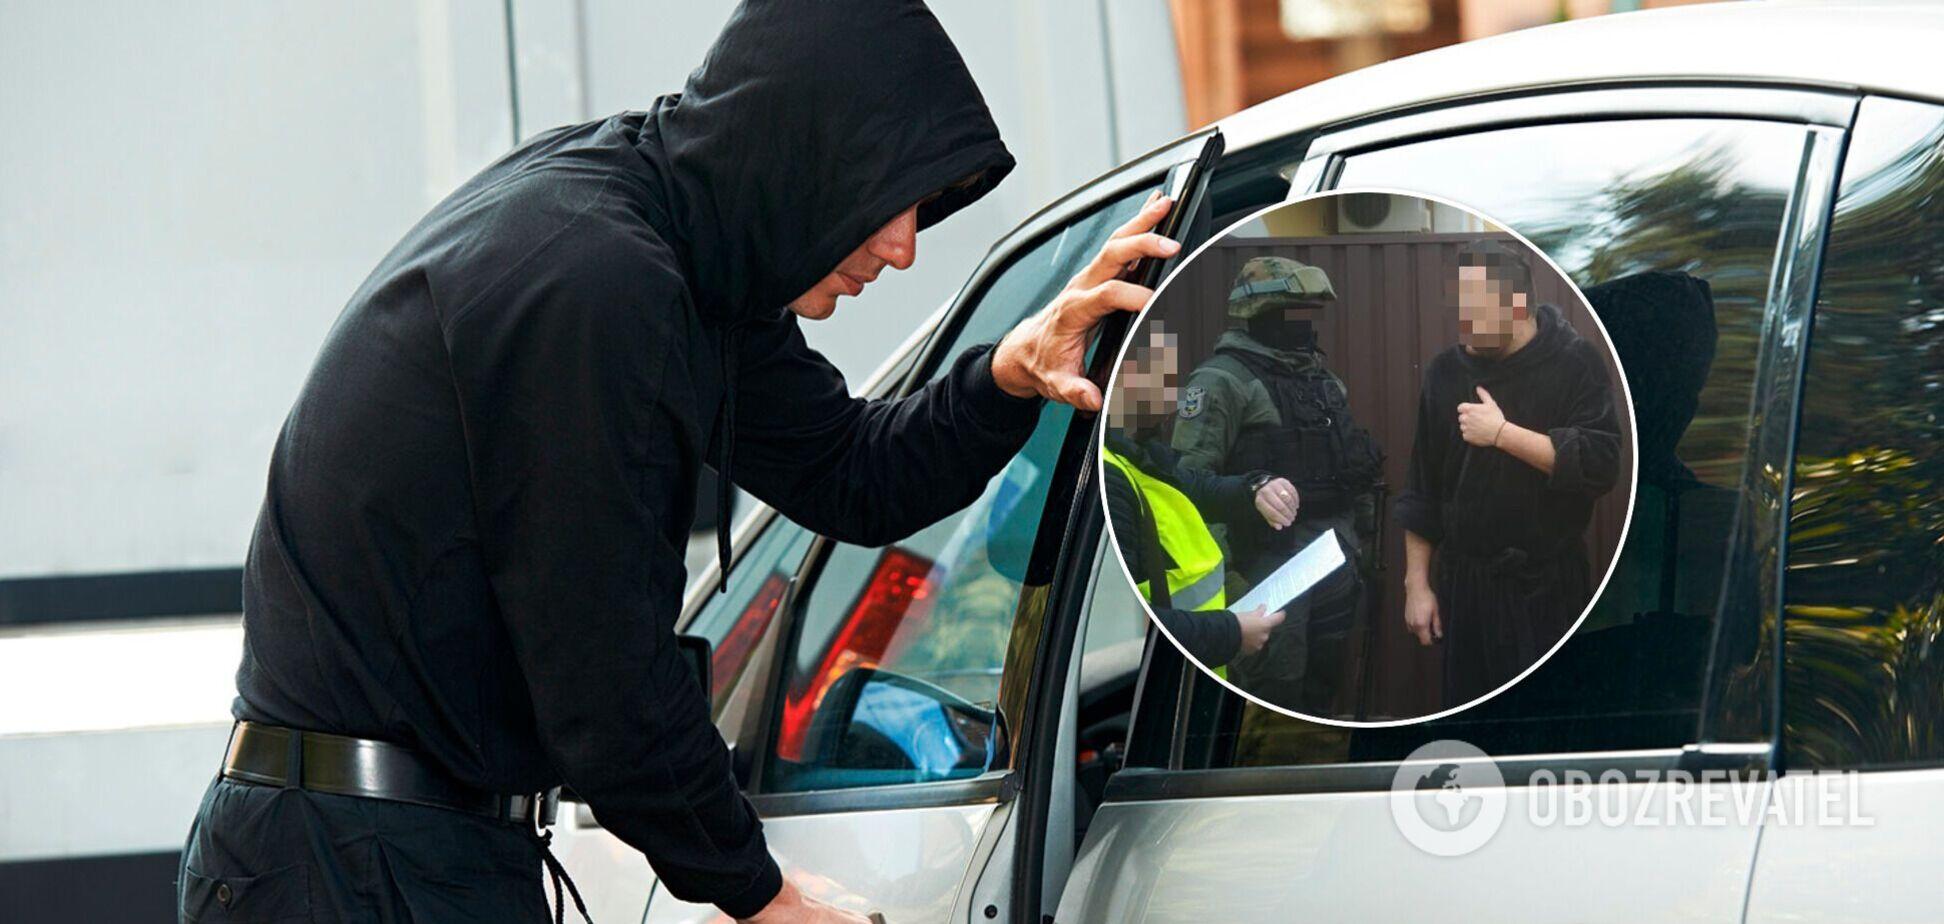 В Украине разоблачили банду, угонявшую авто по всей стране: ущерб оценили в 17 млн. Фото